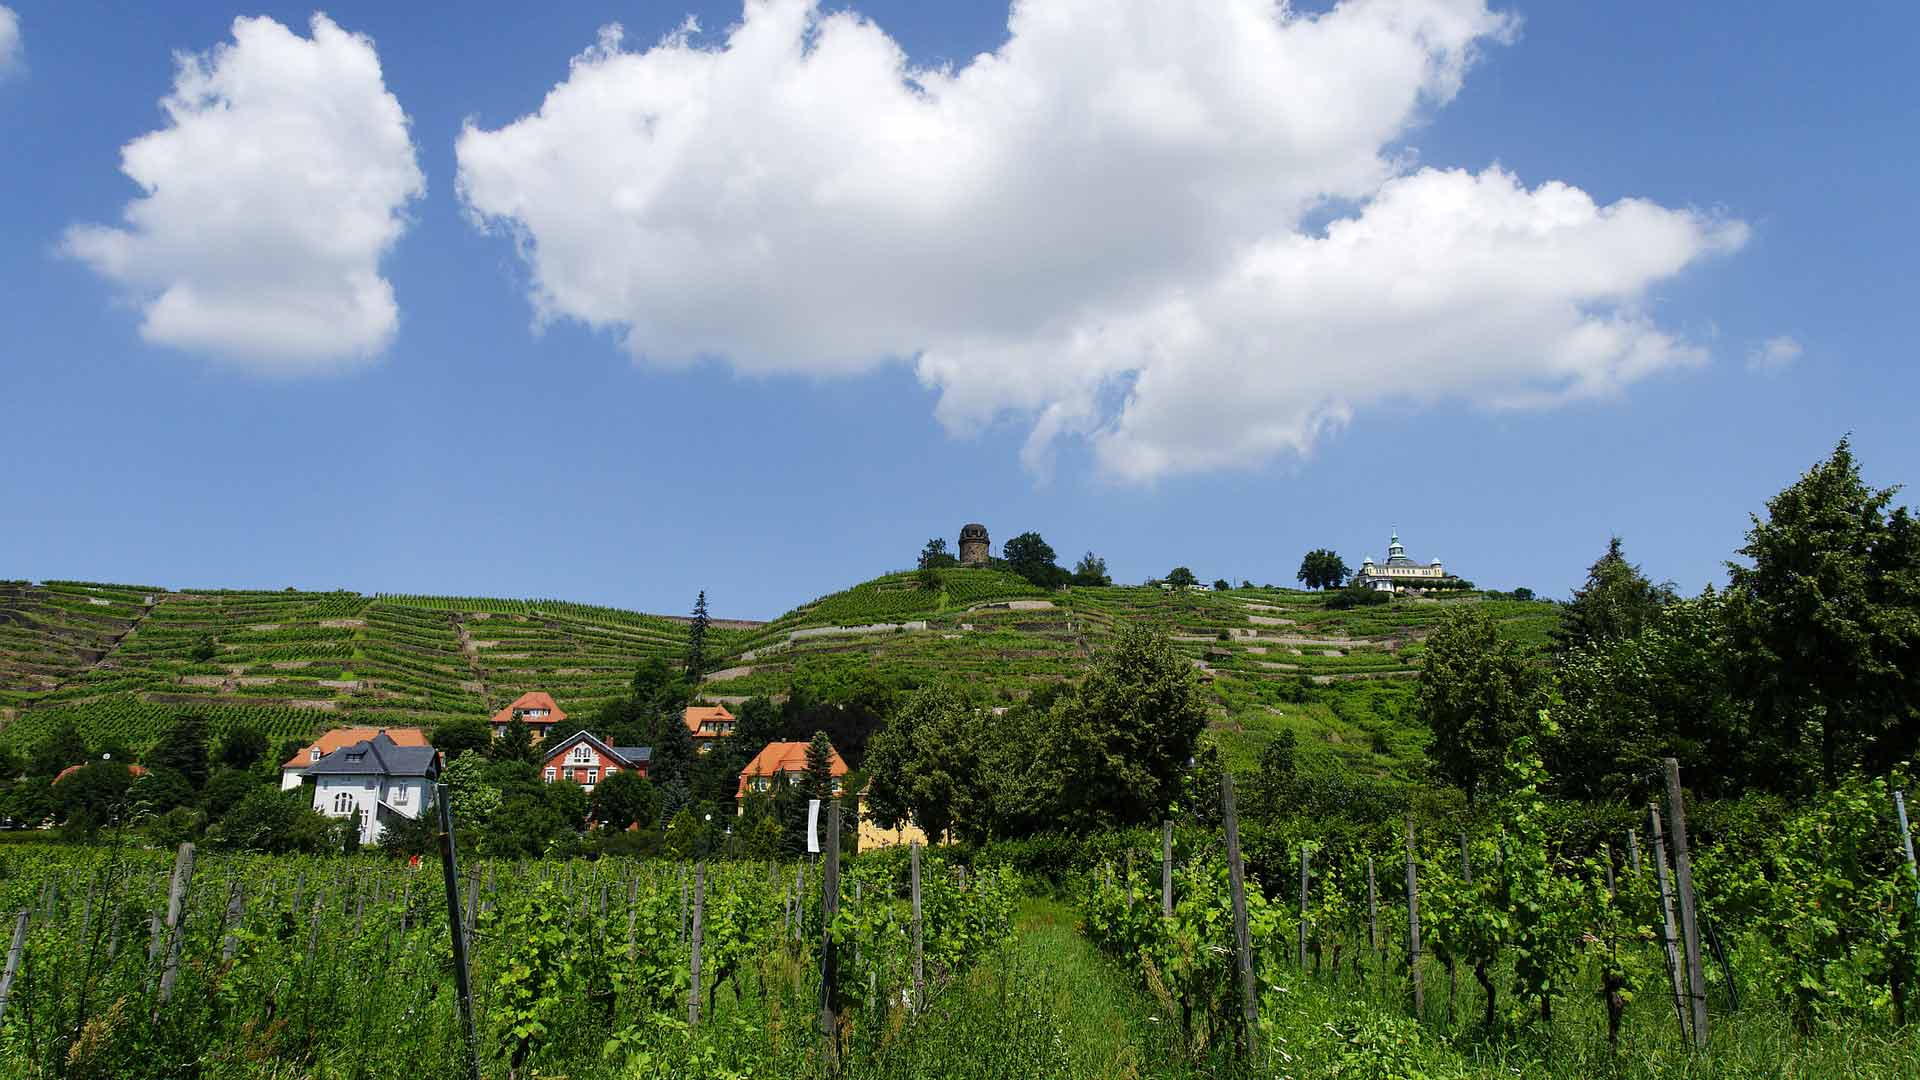 De wijnbergen rondom Radebeul in het Saksische Elbeland.